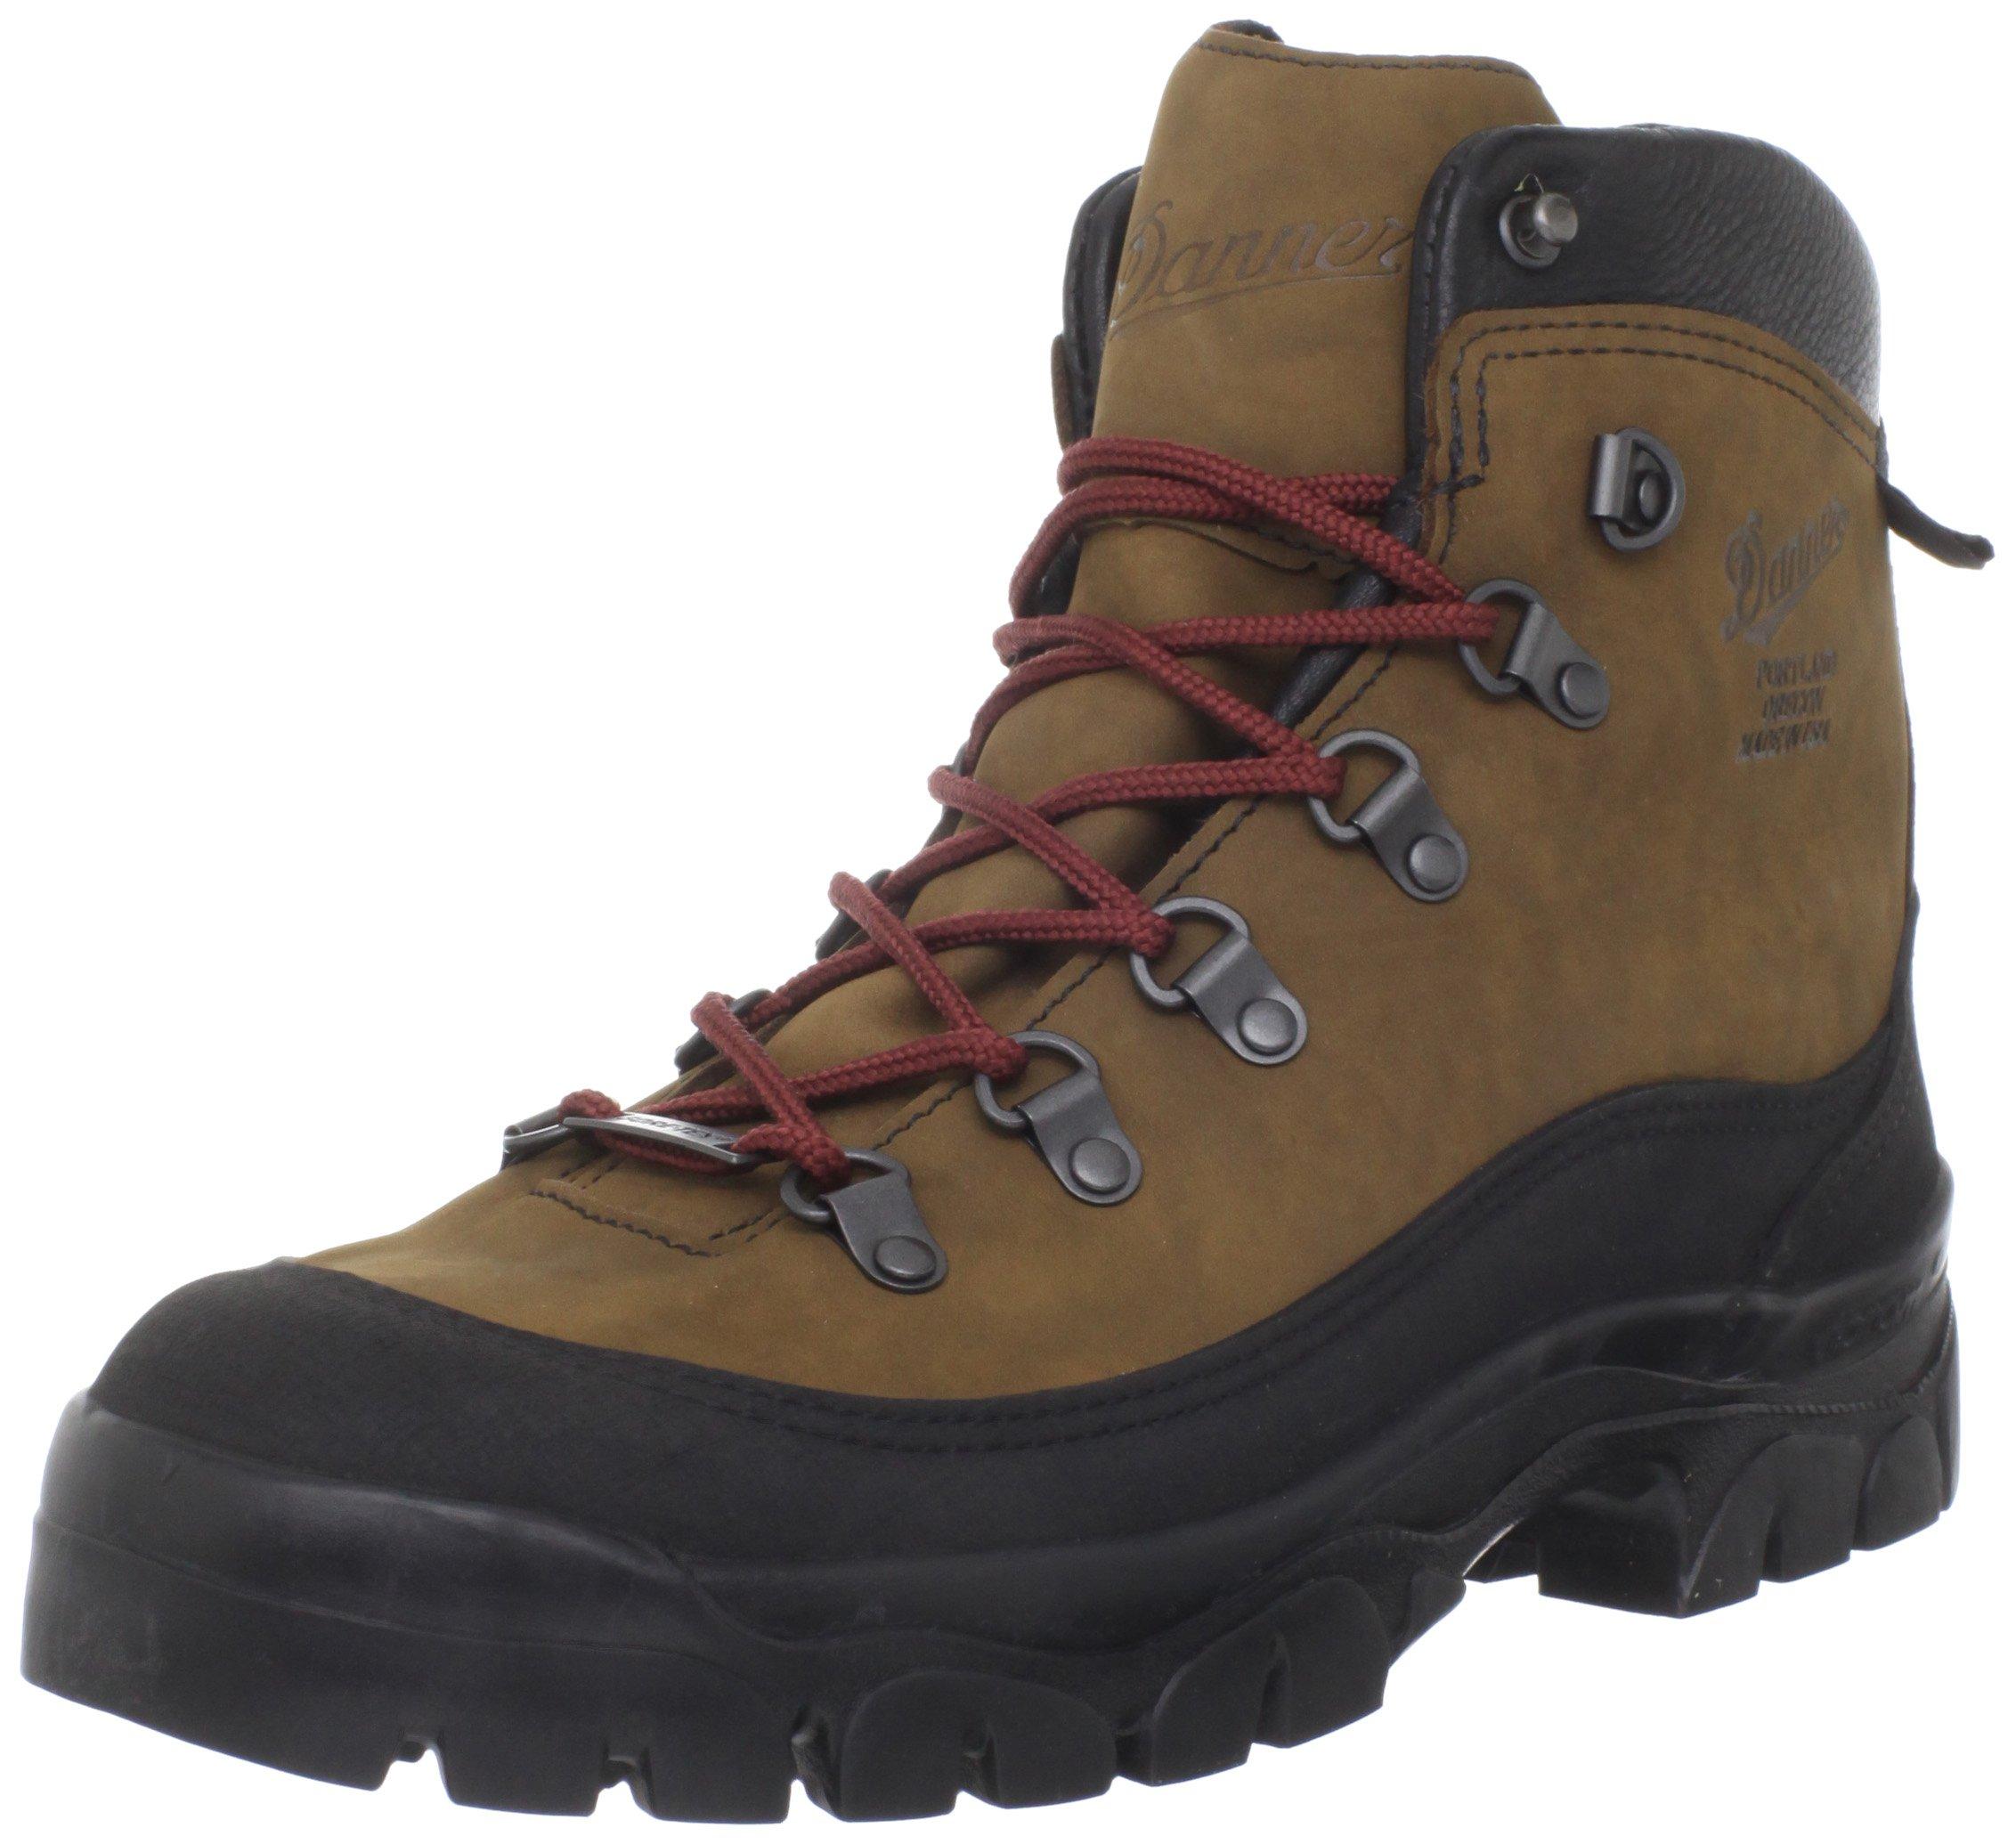 Danner Men's Crater Rim 6'' GTX Hiking Boot,Brown,11 W US by Danner